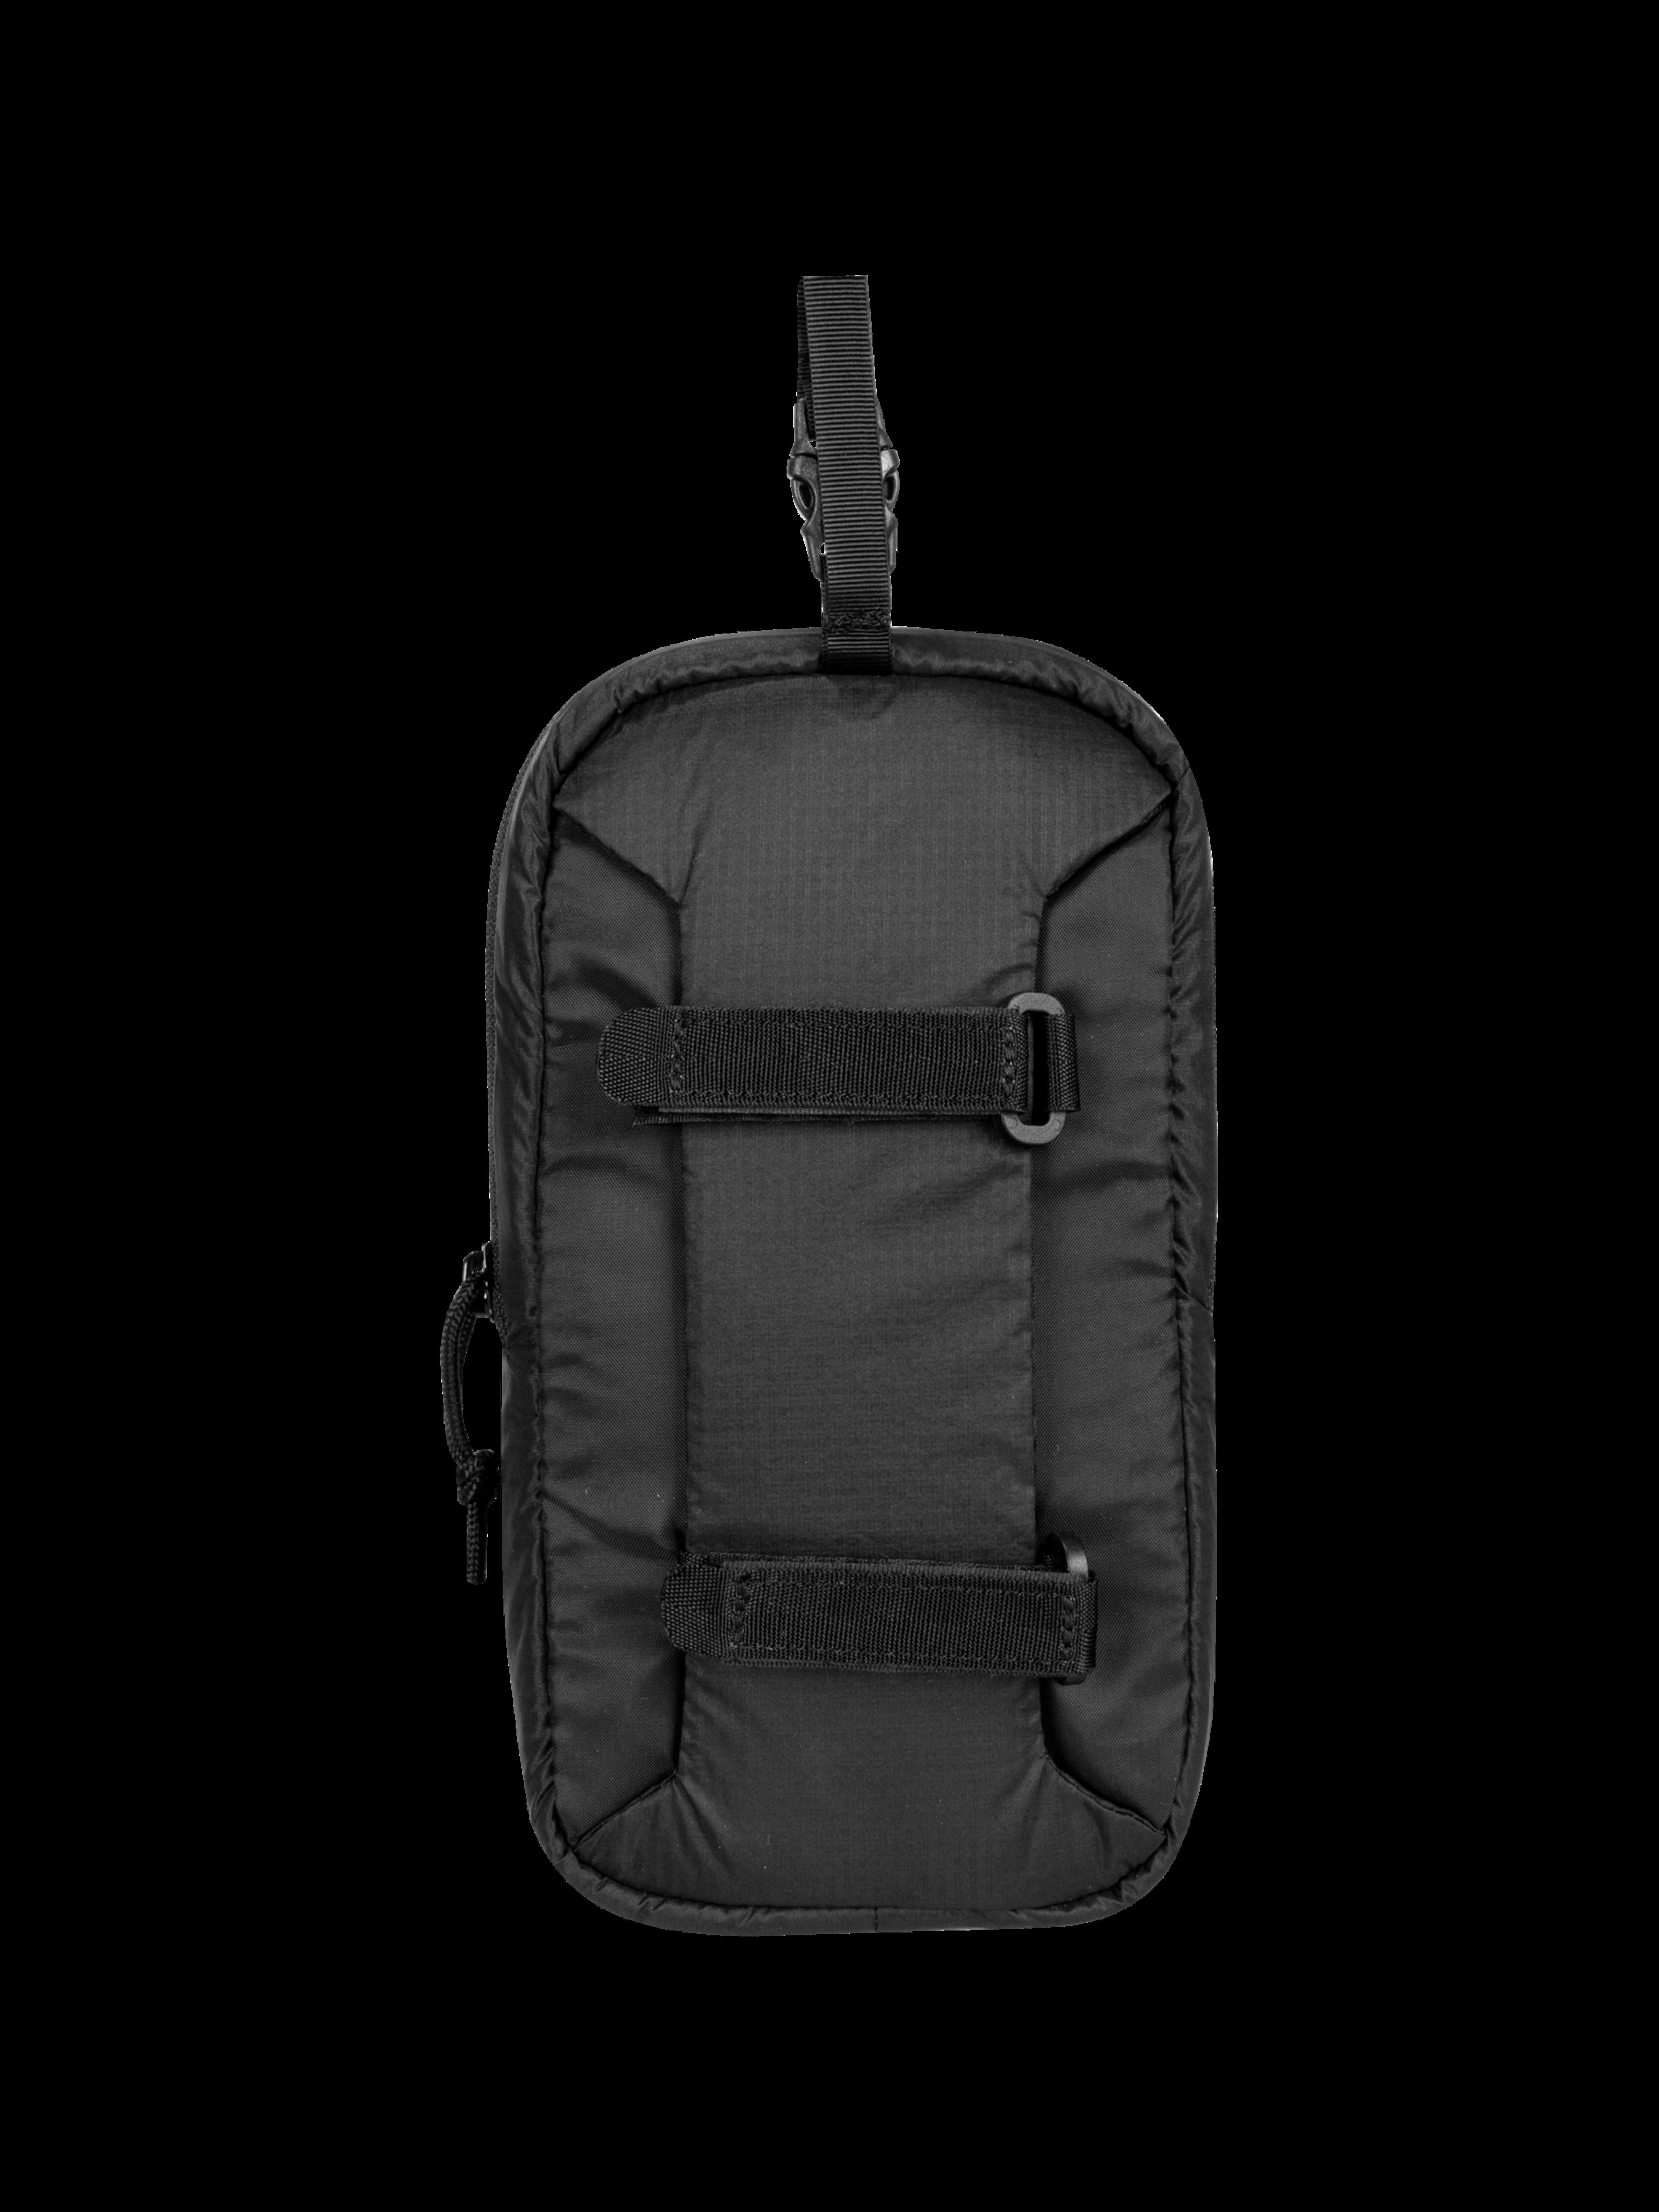 Add-on shoulder harness pocket product image